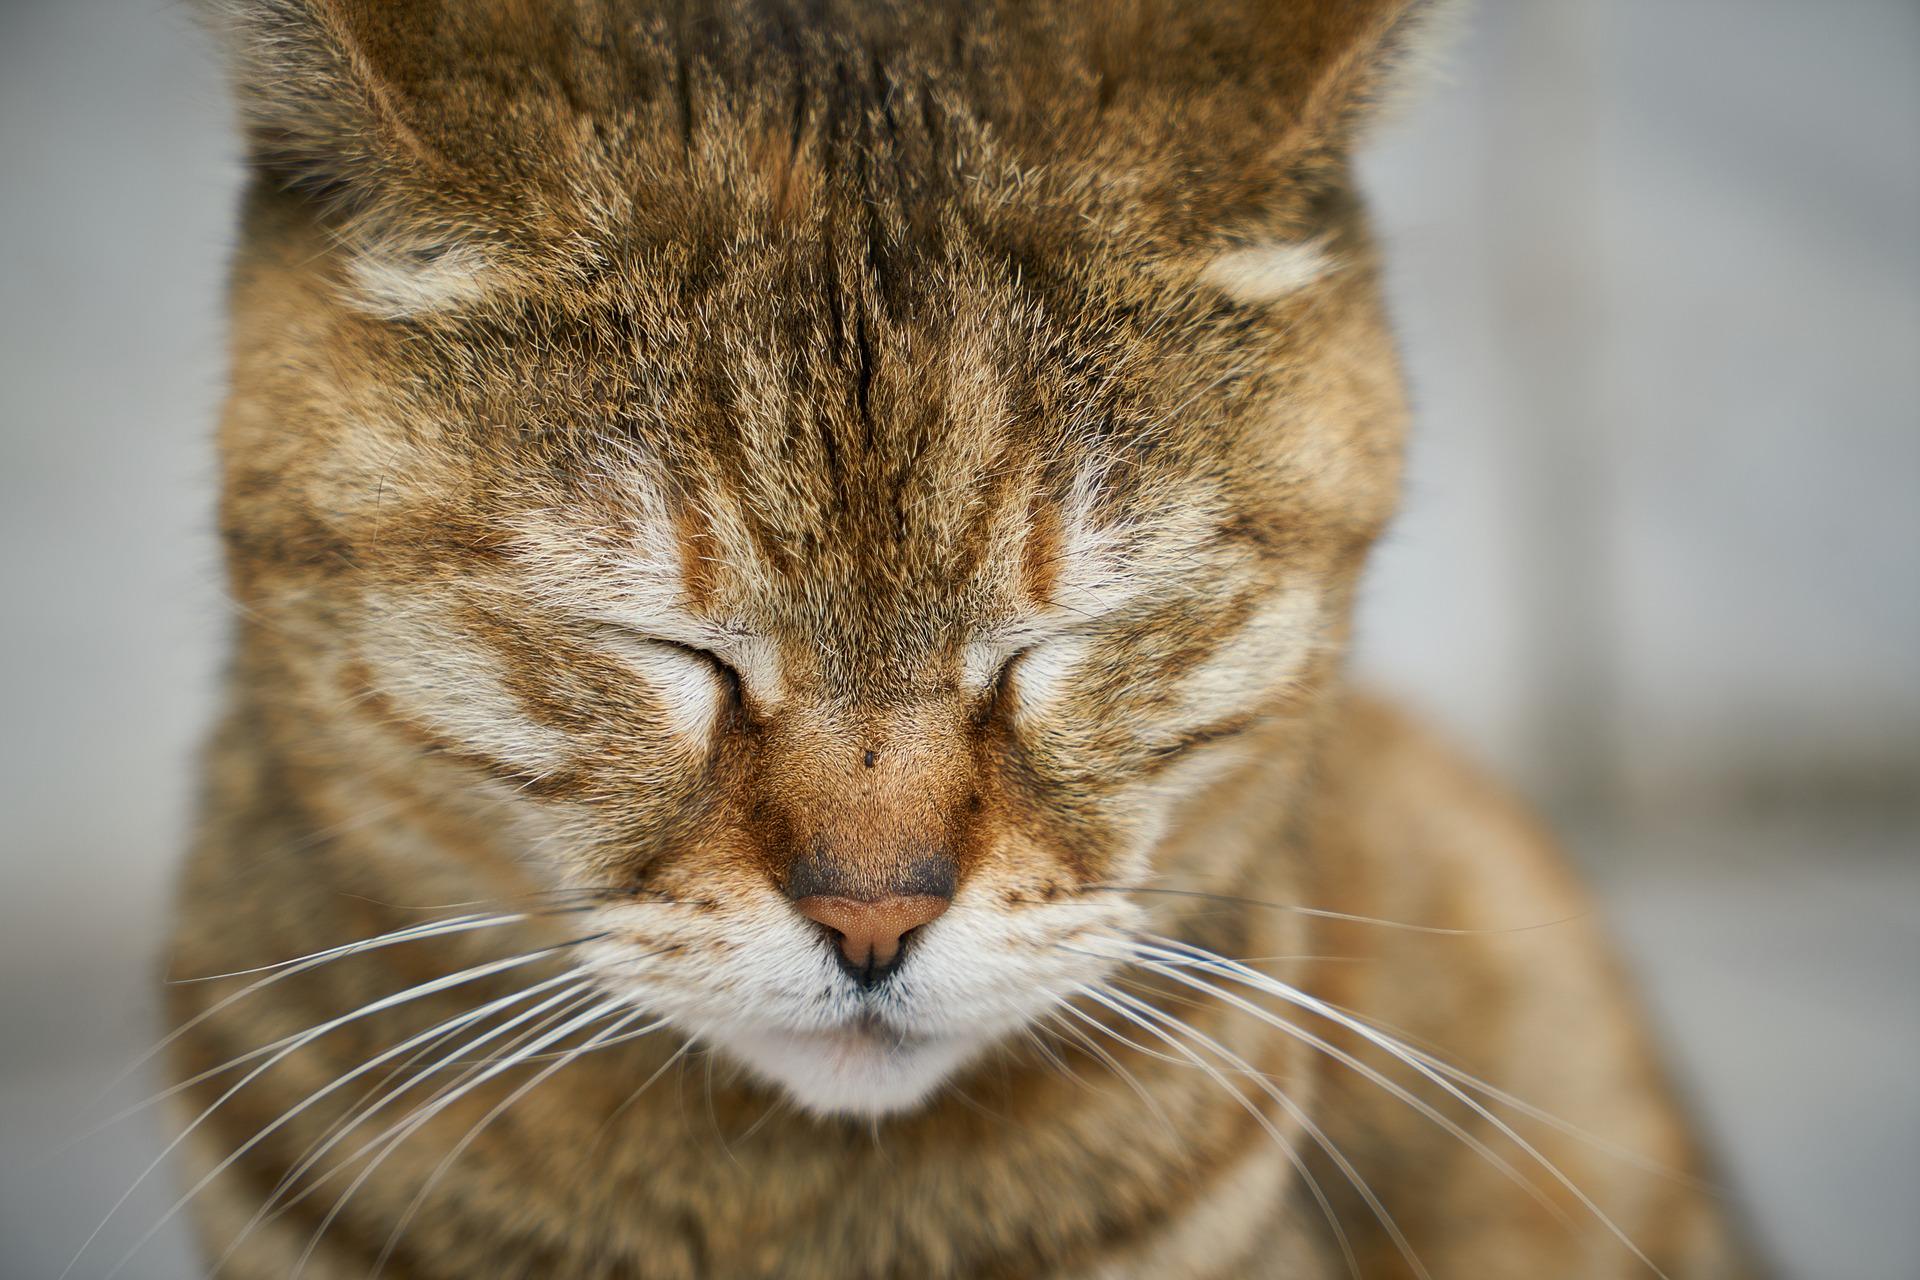 malattia di addison gatto